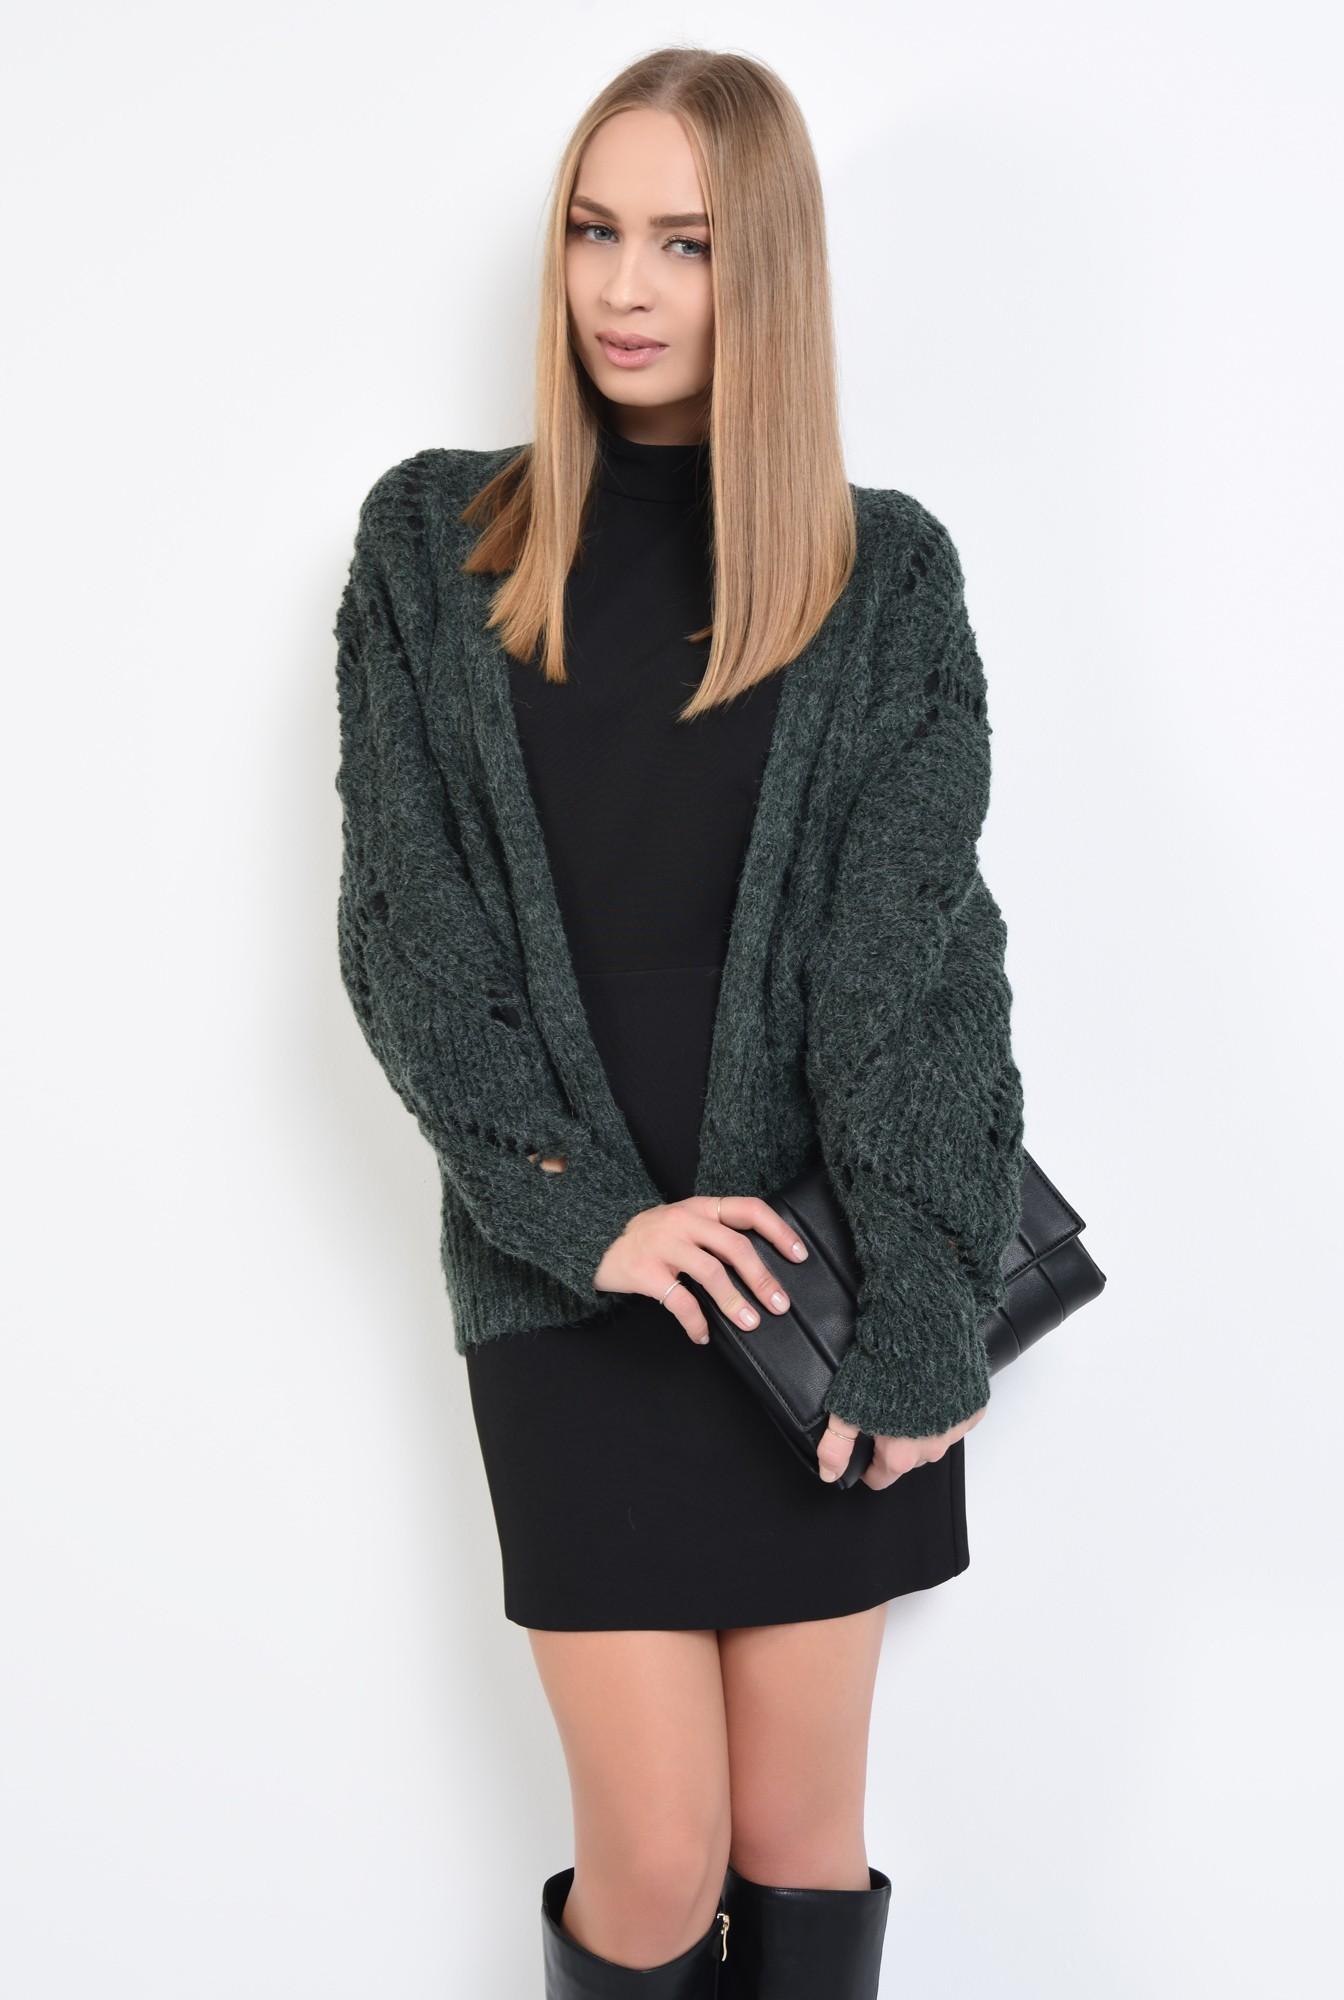 0 - 360 - pulover verde, jacheta tricotata, motive ajurate, cu ochiuri largi